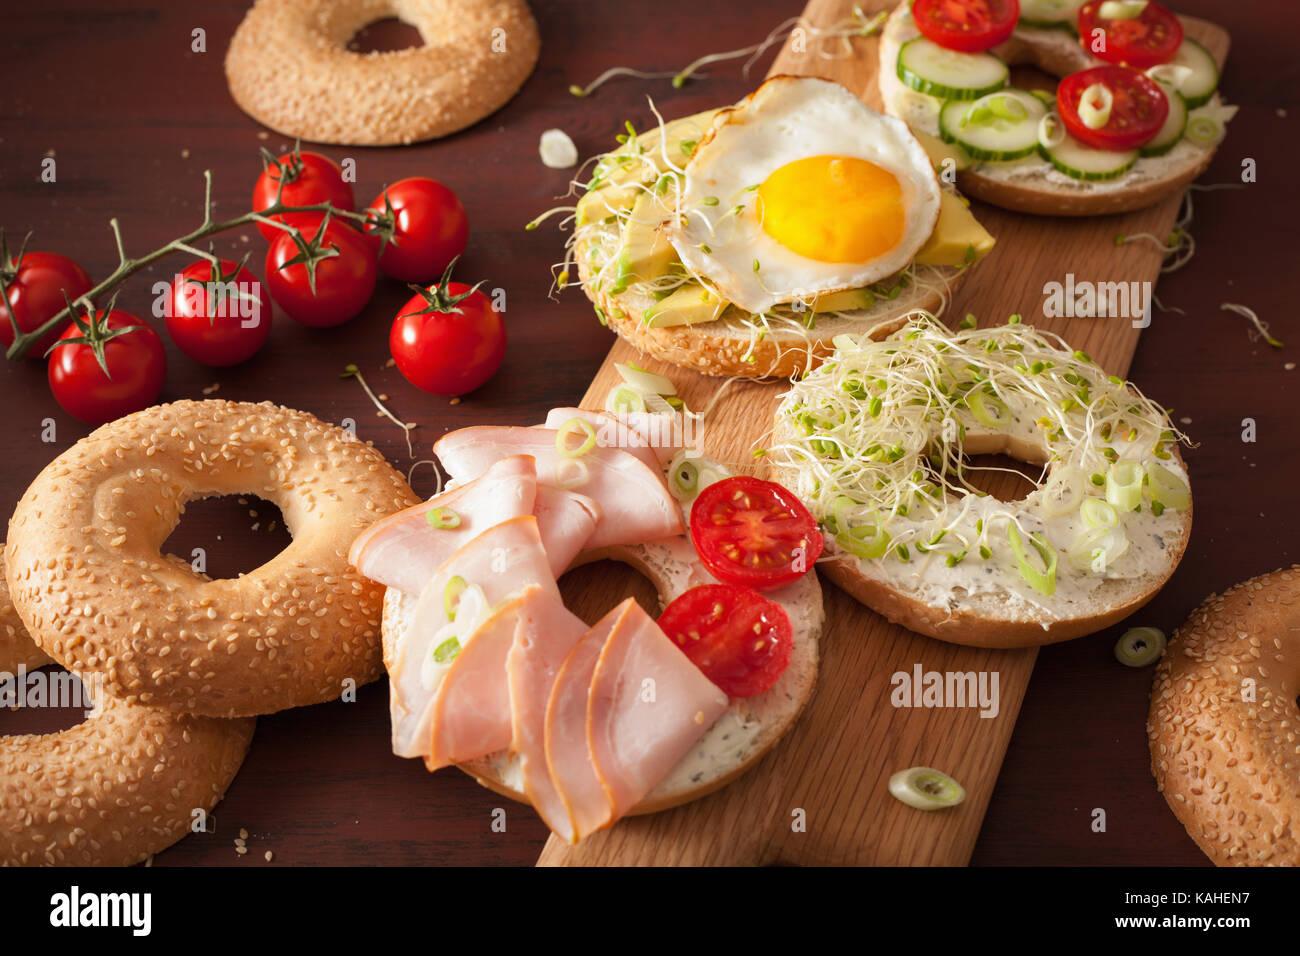 Choix de sandwichs sur bagels: œuf, avocat, tomate, jambon, fromage, les germes de luzerne Photo Stock